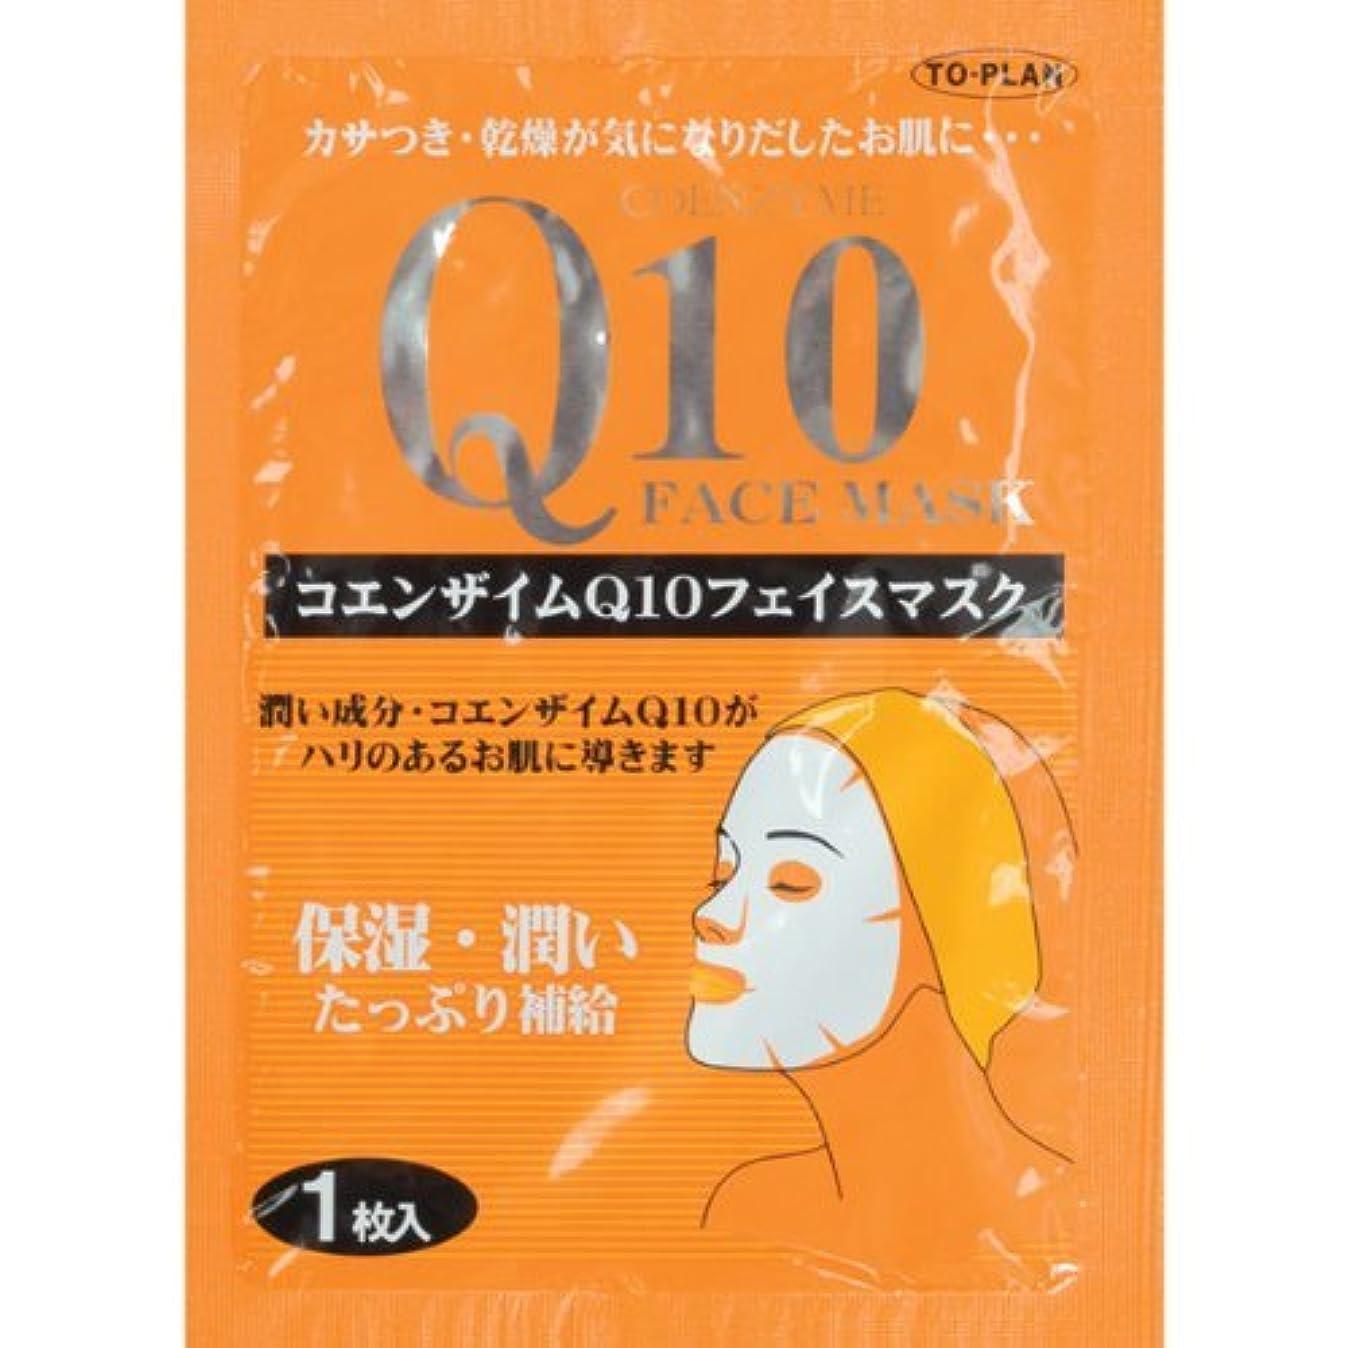 機動解く敬礼フェイスマスク コエンザイムQ10 まとめ買い プレゼント フェイスパック (100枚)